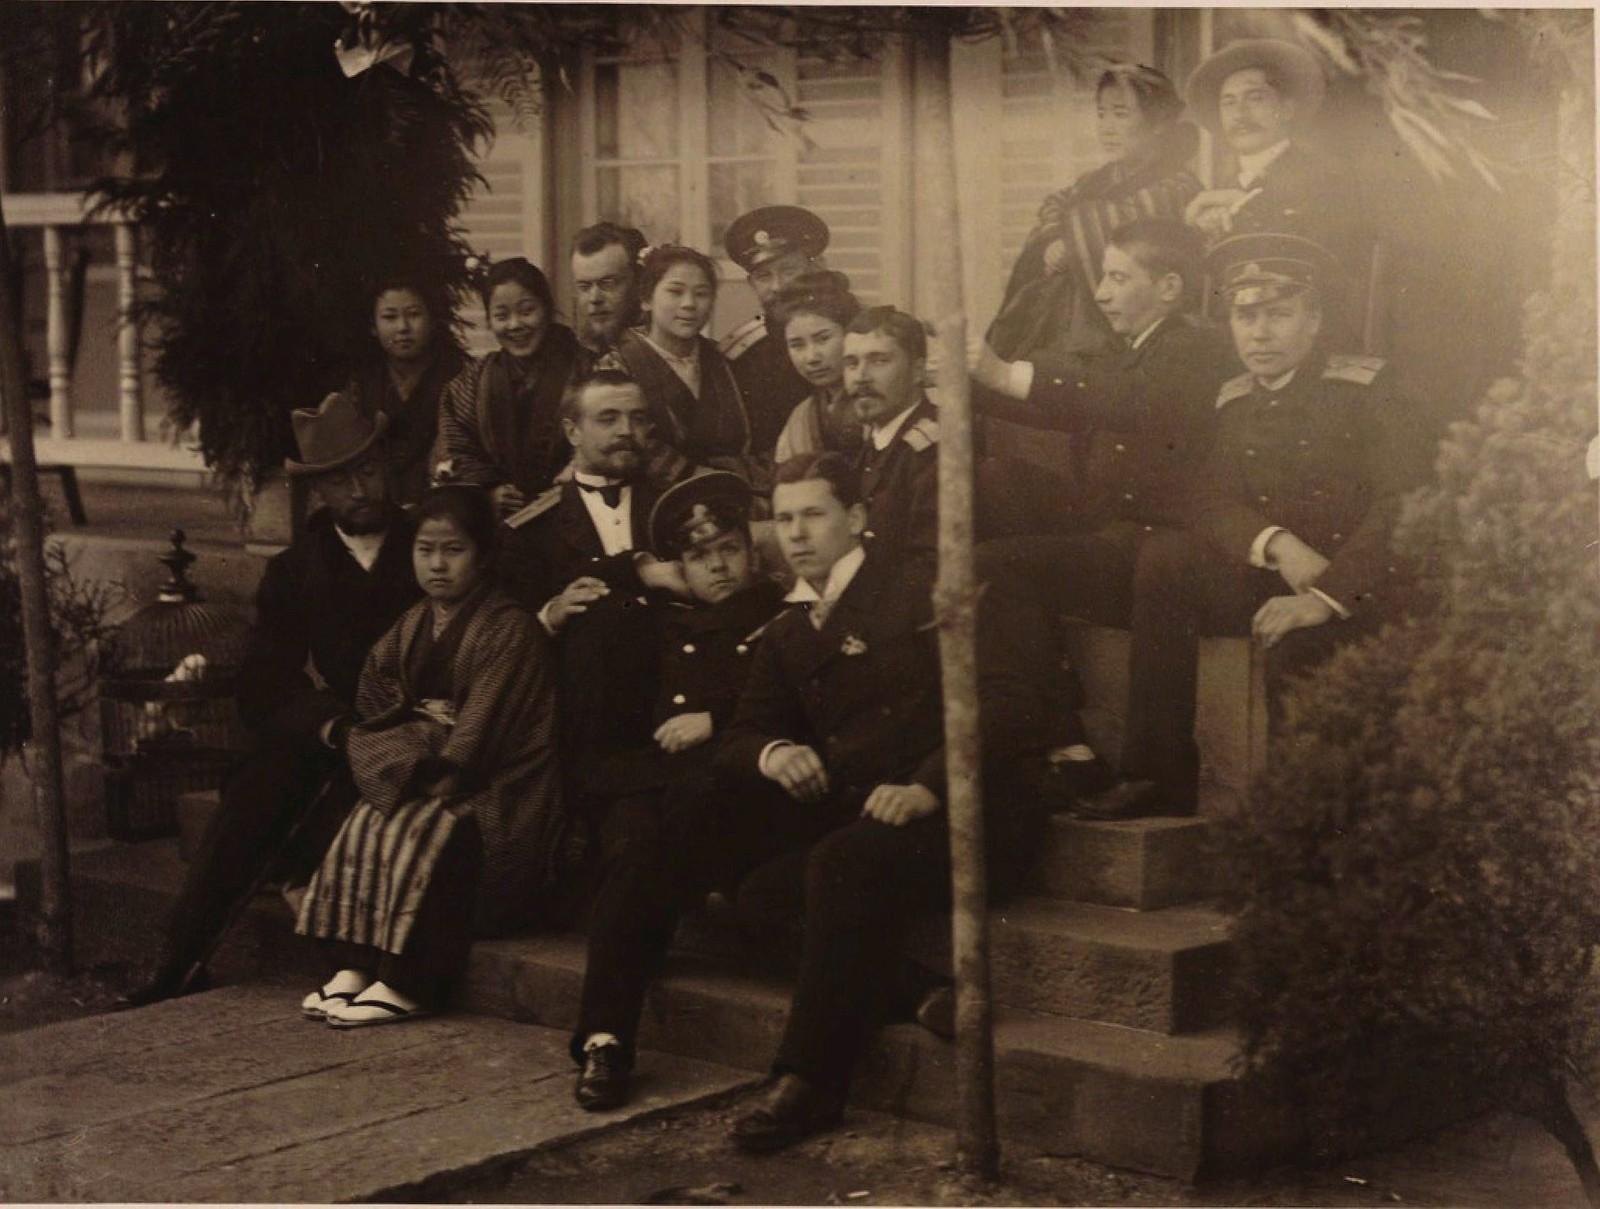 06. 1891. Иенаса. Офицеры эскадры со своими временными японскими женами.